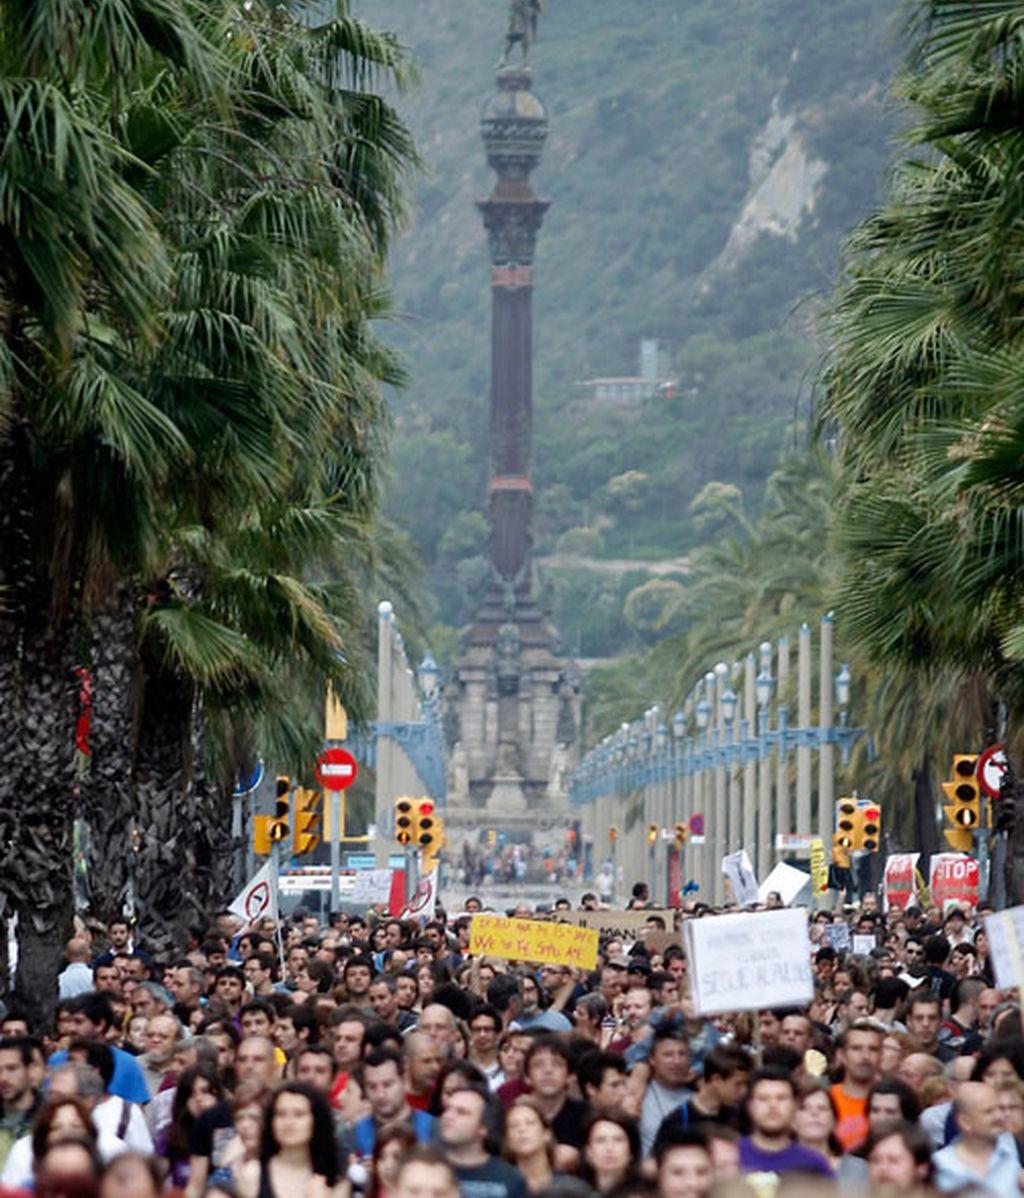 en barcelona, miles de indignados